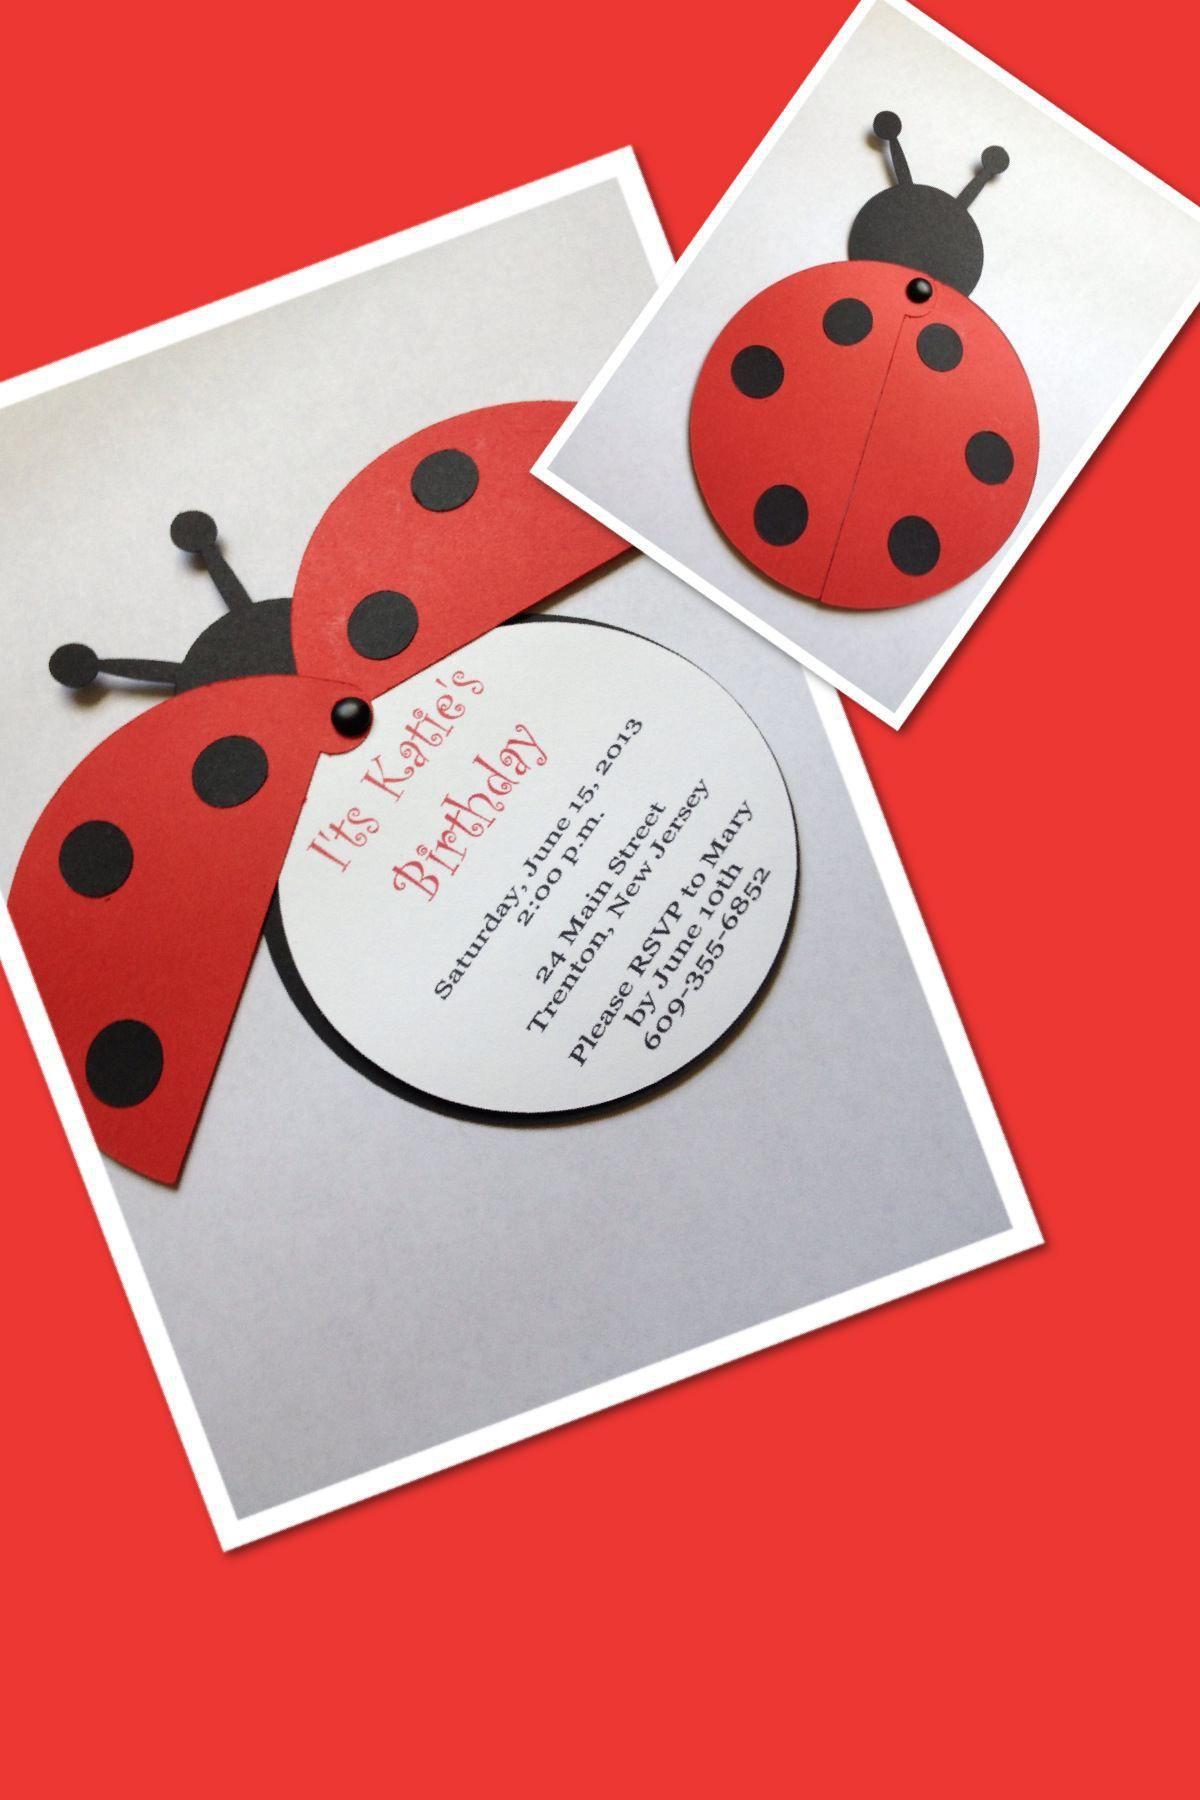 Nieuw zelf uitnodigingen maken en printen | Kaarten maken en printen PP-59